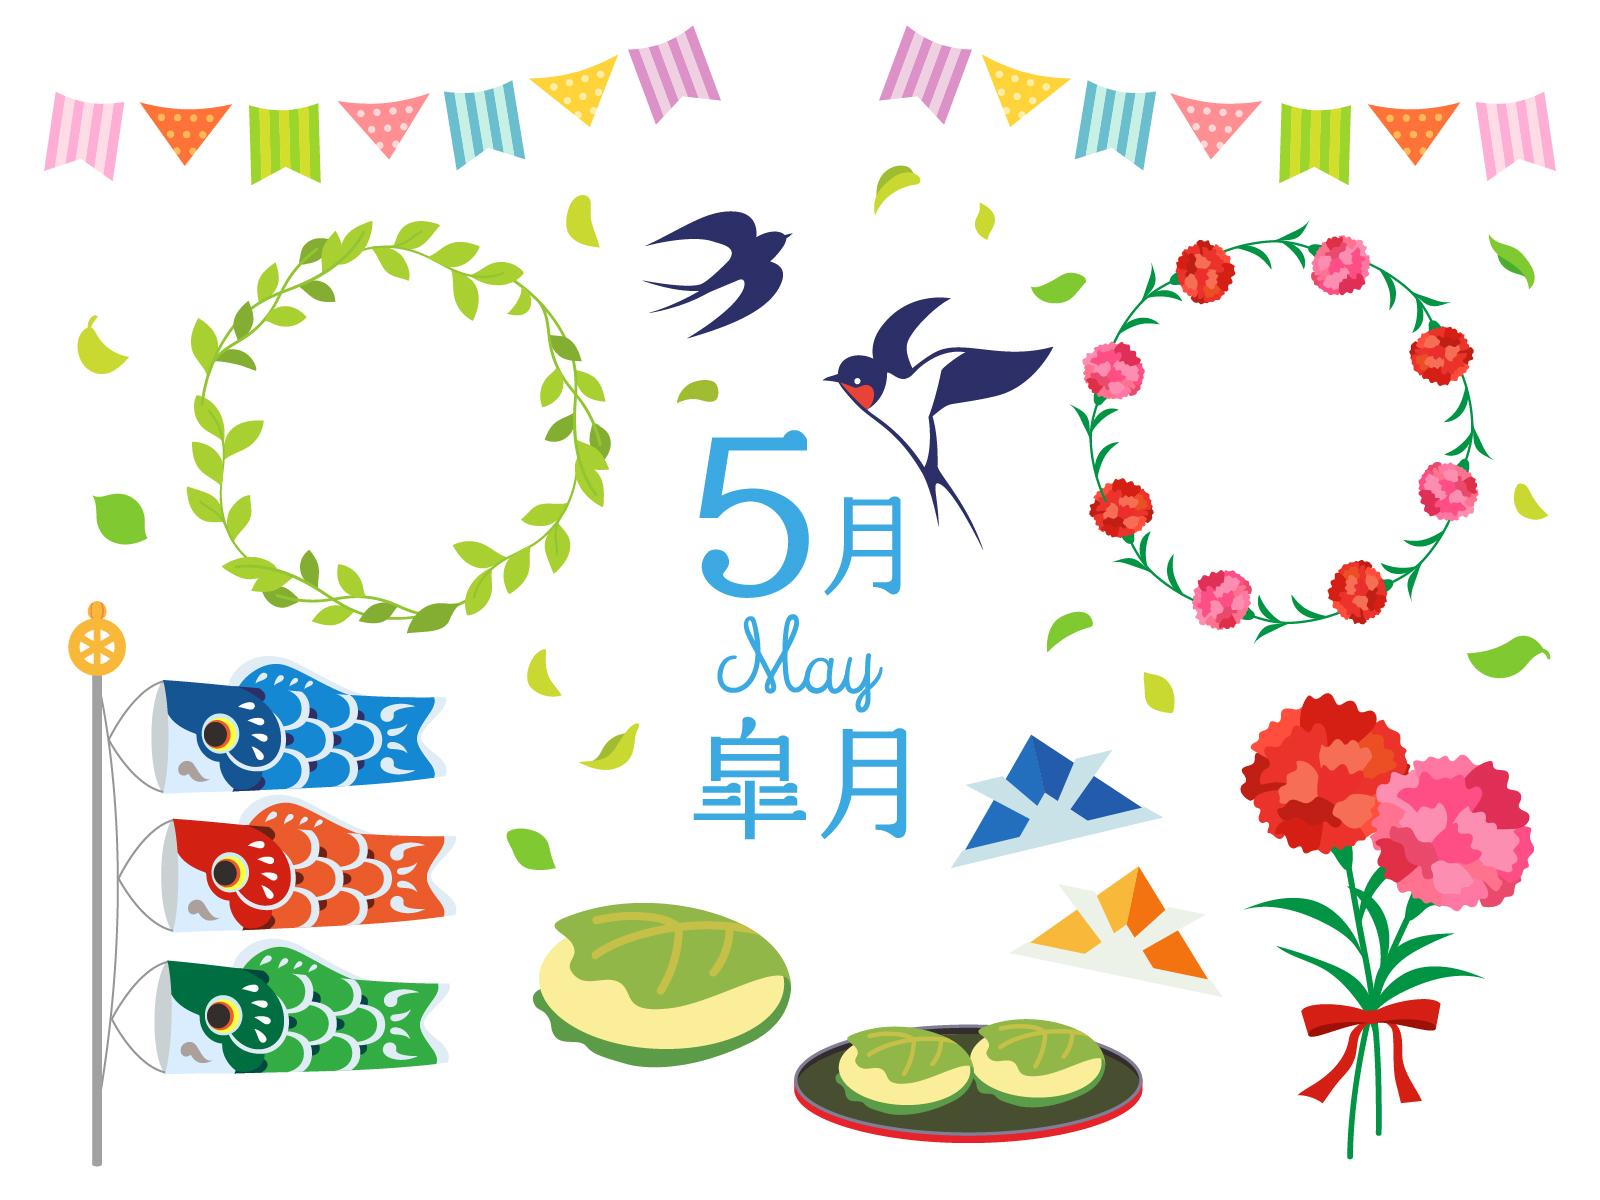 【5月の工作 15選】高齢者向け!!簡単にできるおすすめの作品集を紹介!